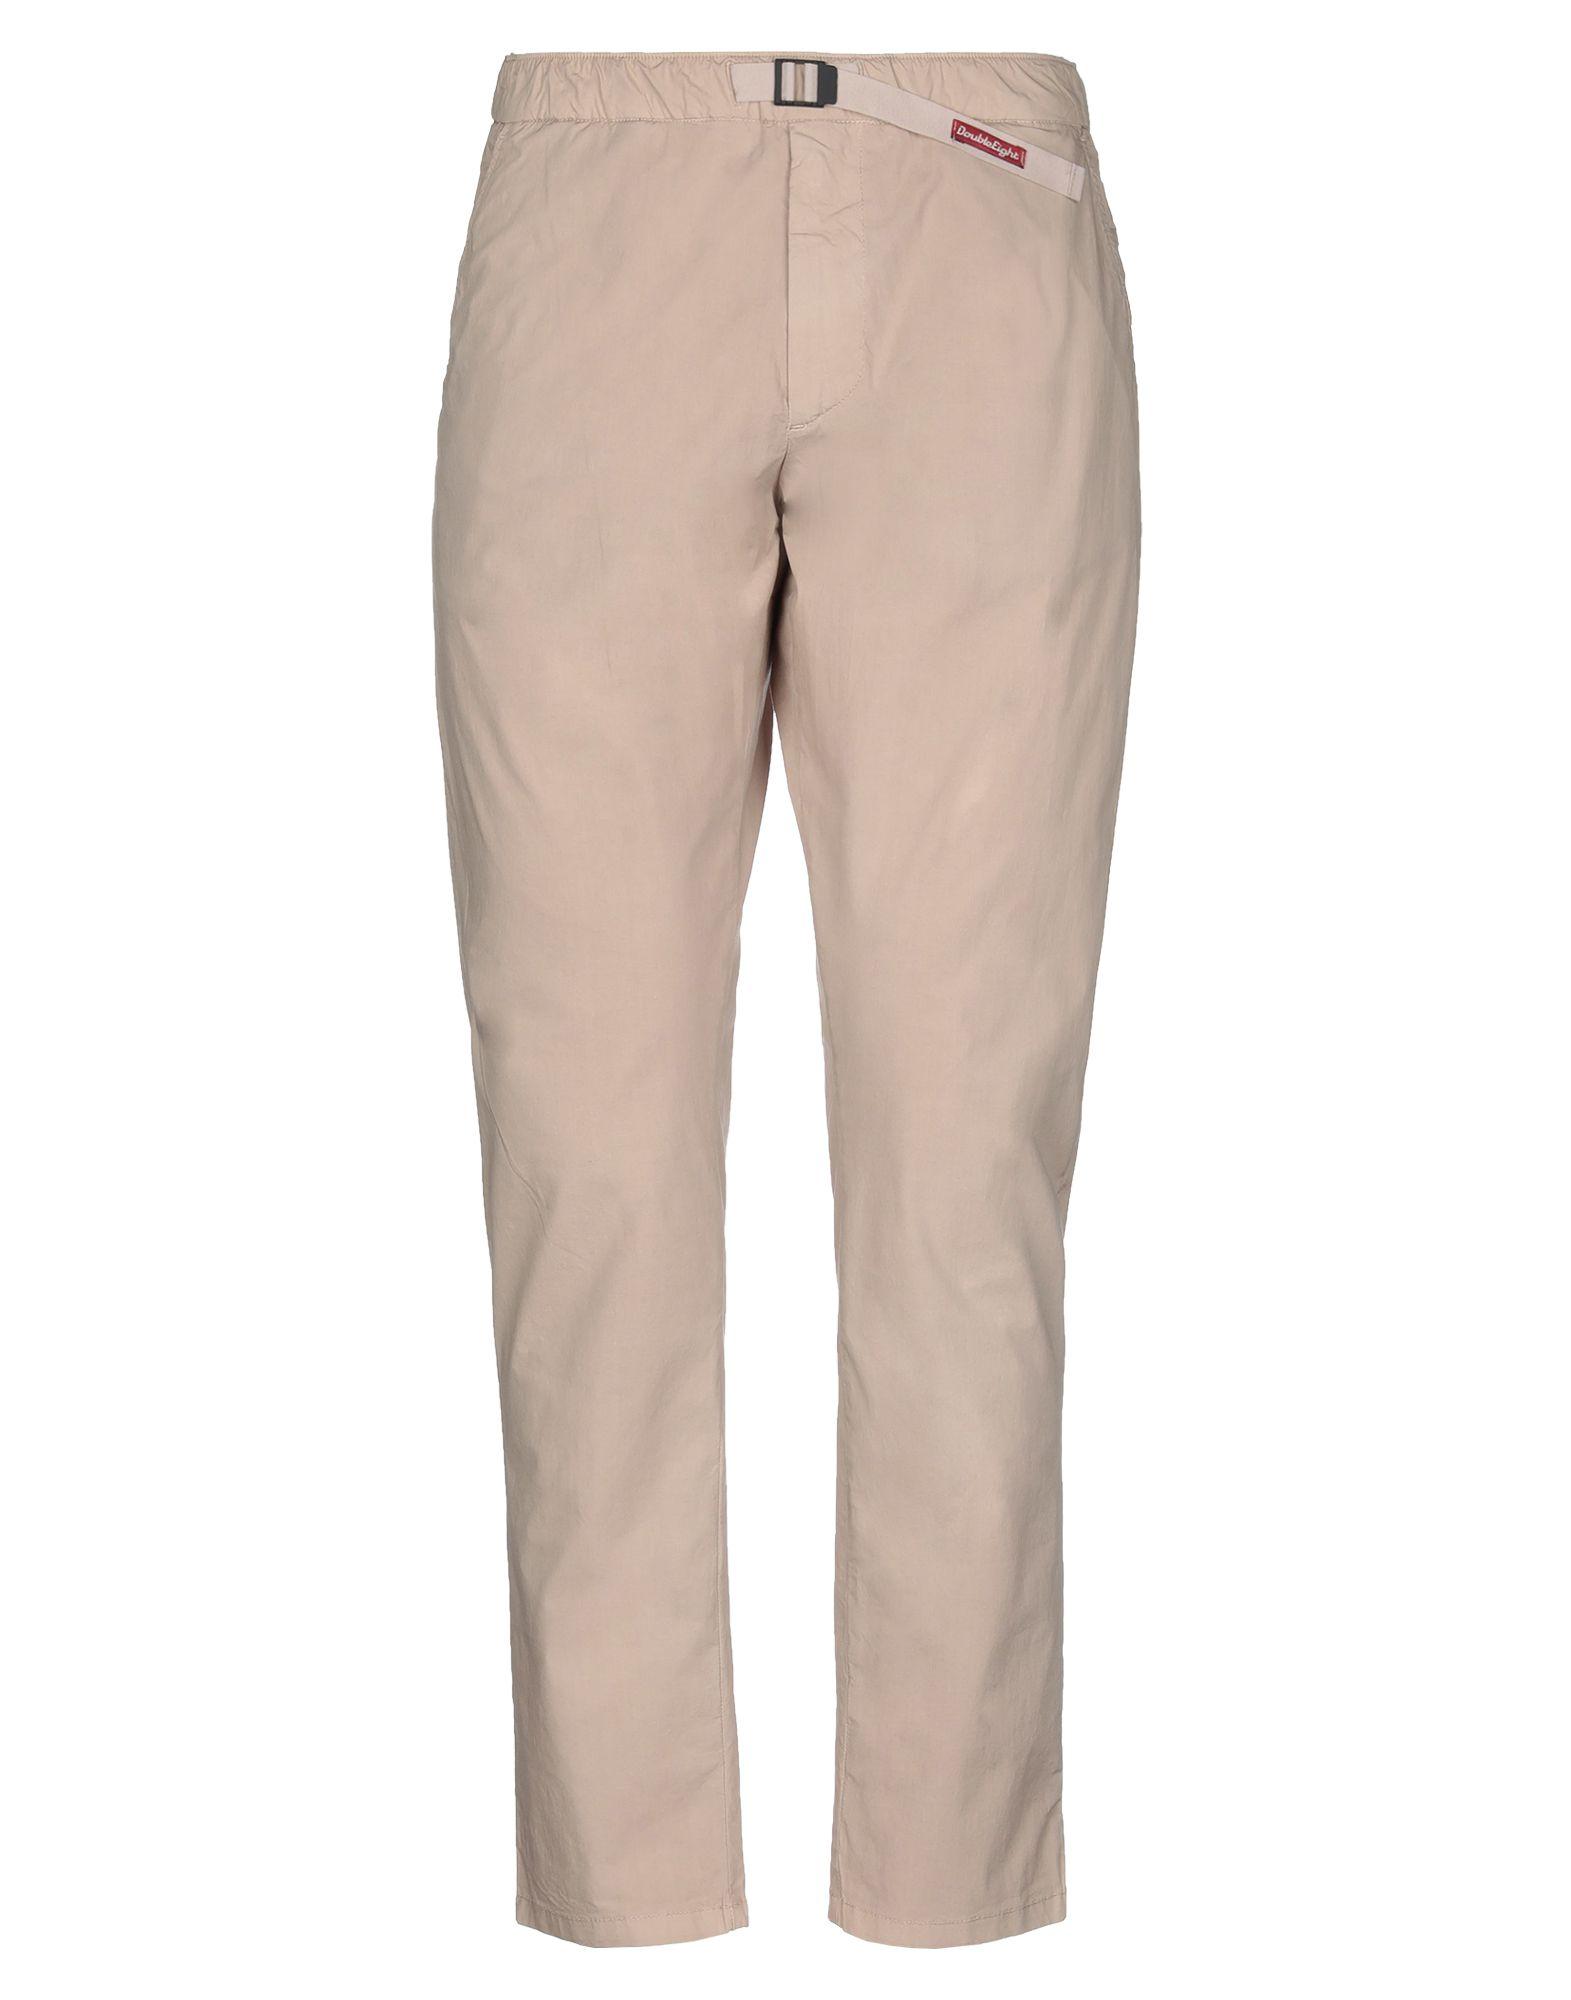 《期間限定セール開催中!》DOUBLE EIGHT メンズ パンツ サンド 46 コットン 97% / ポリウレタン 3%